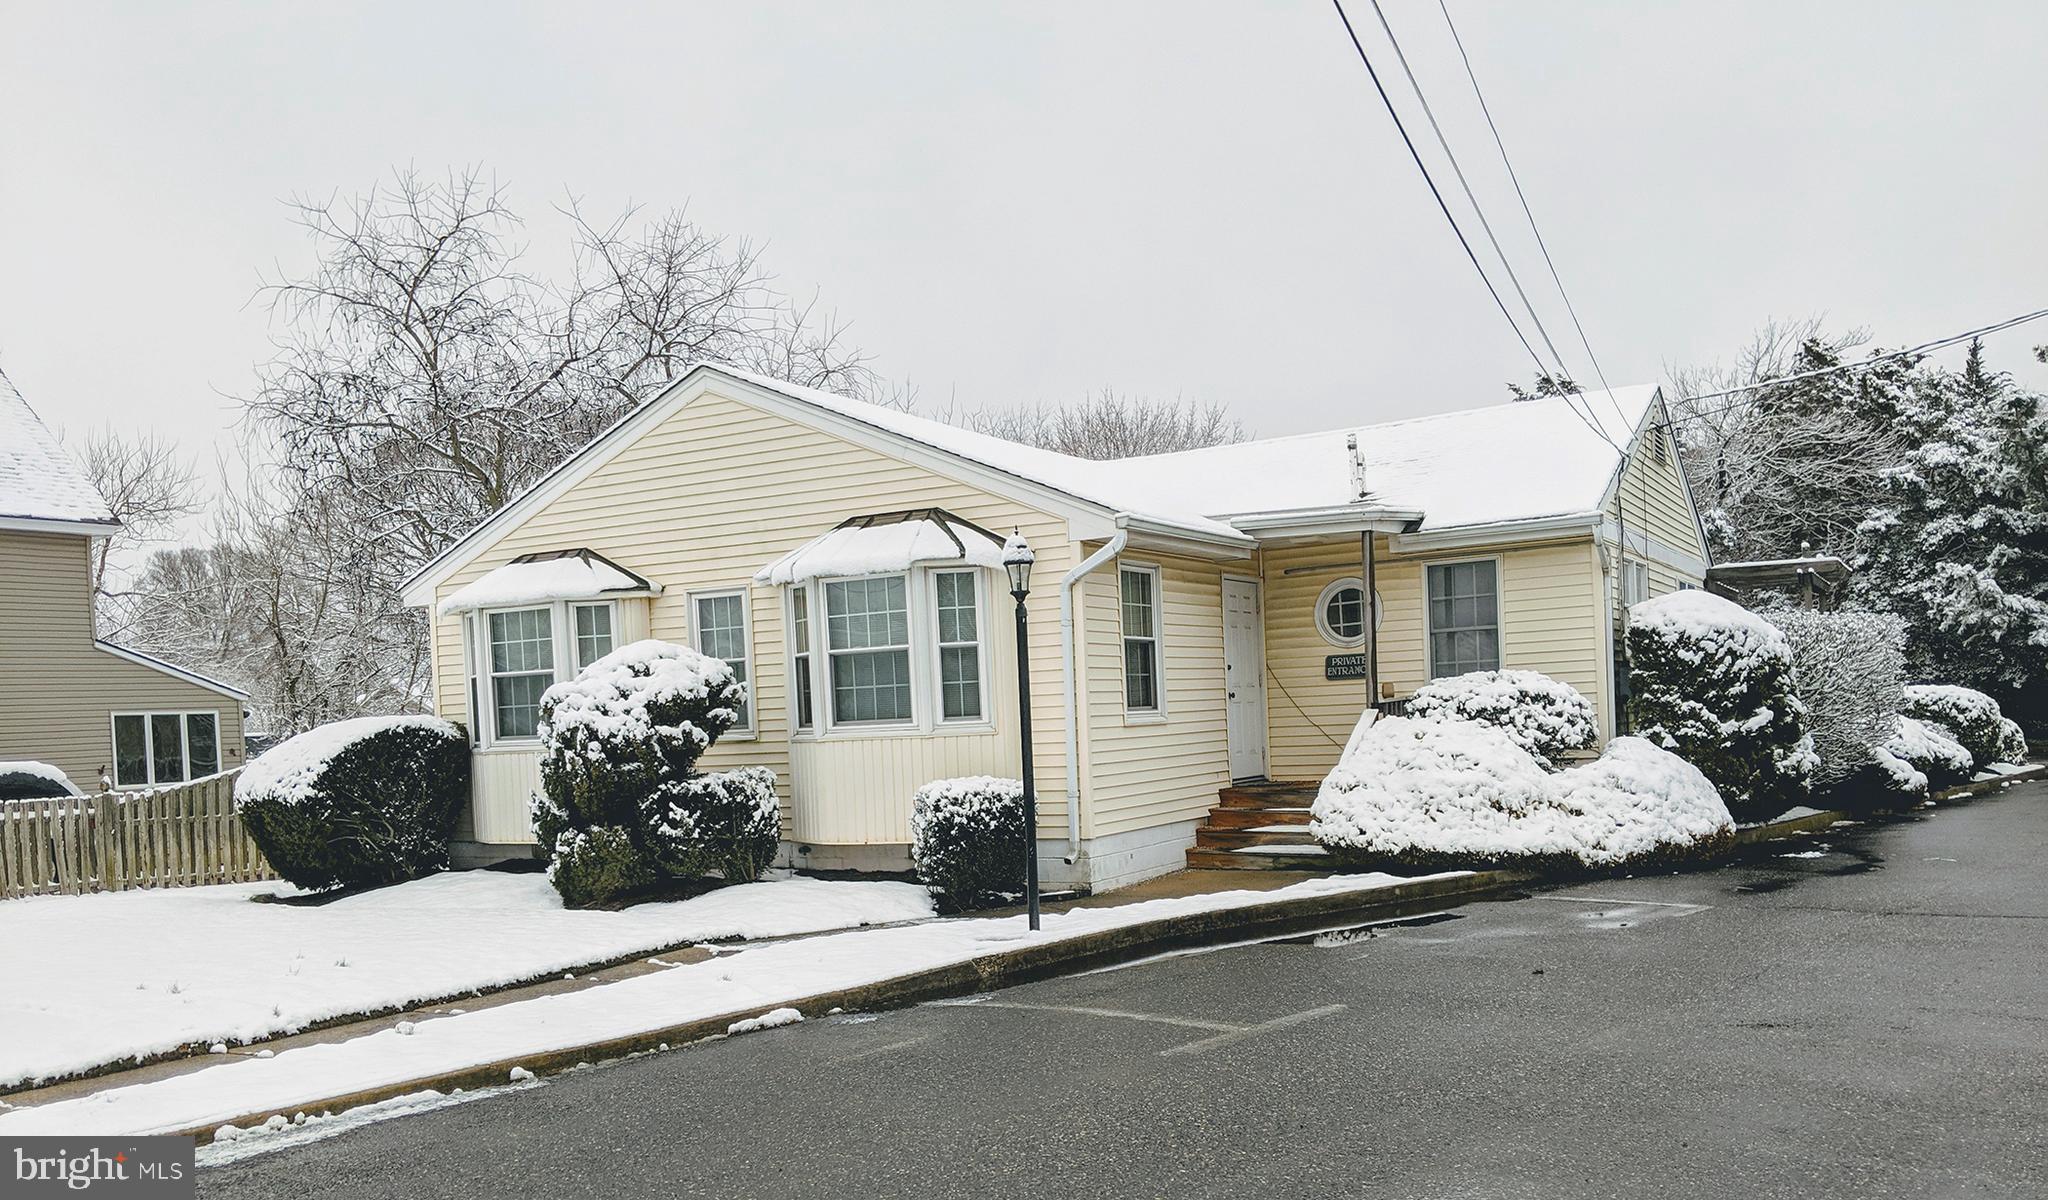 410 MAIN, CAPE MAY COURT HOUSE, NJ 08210